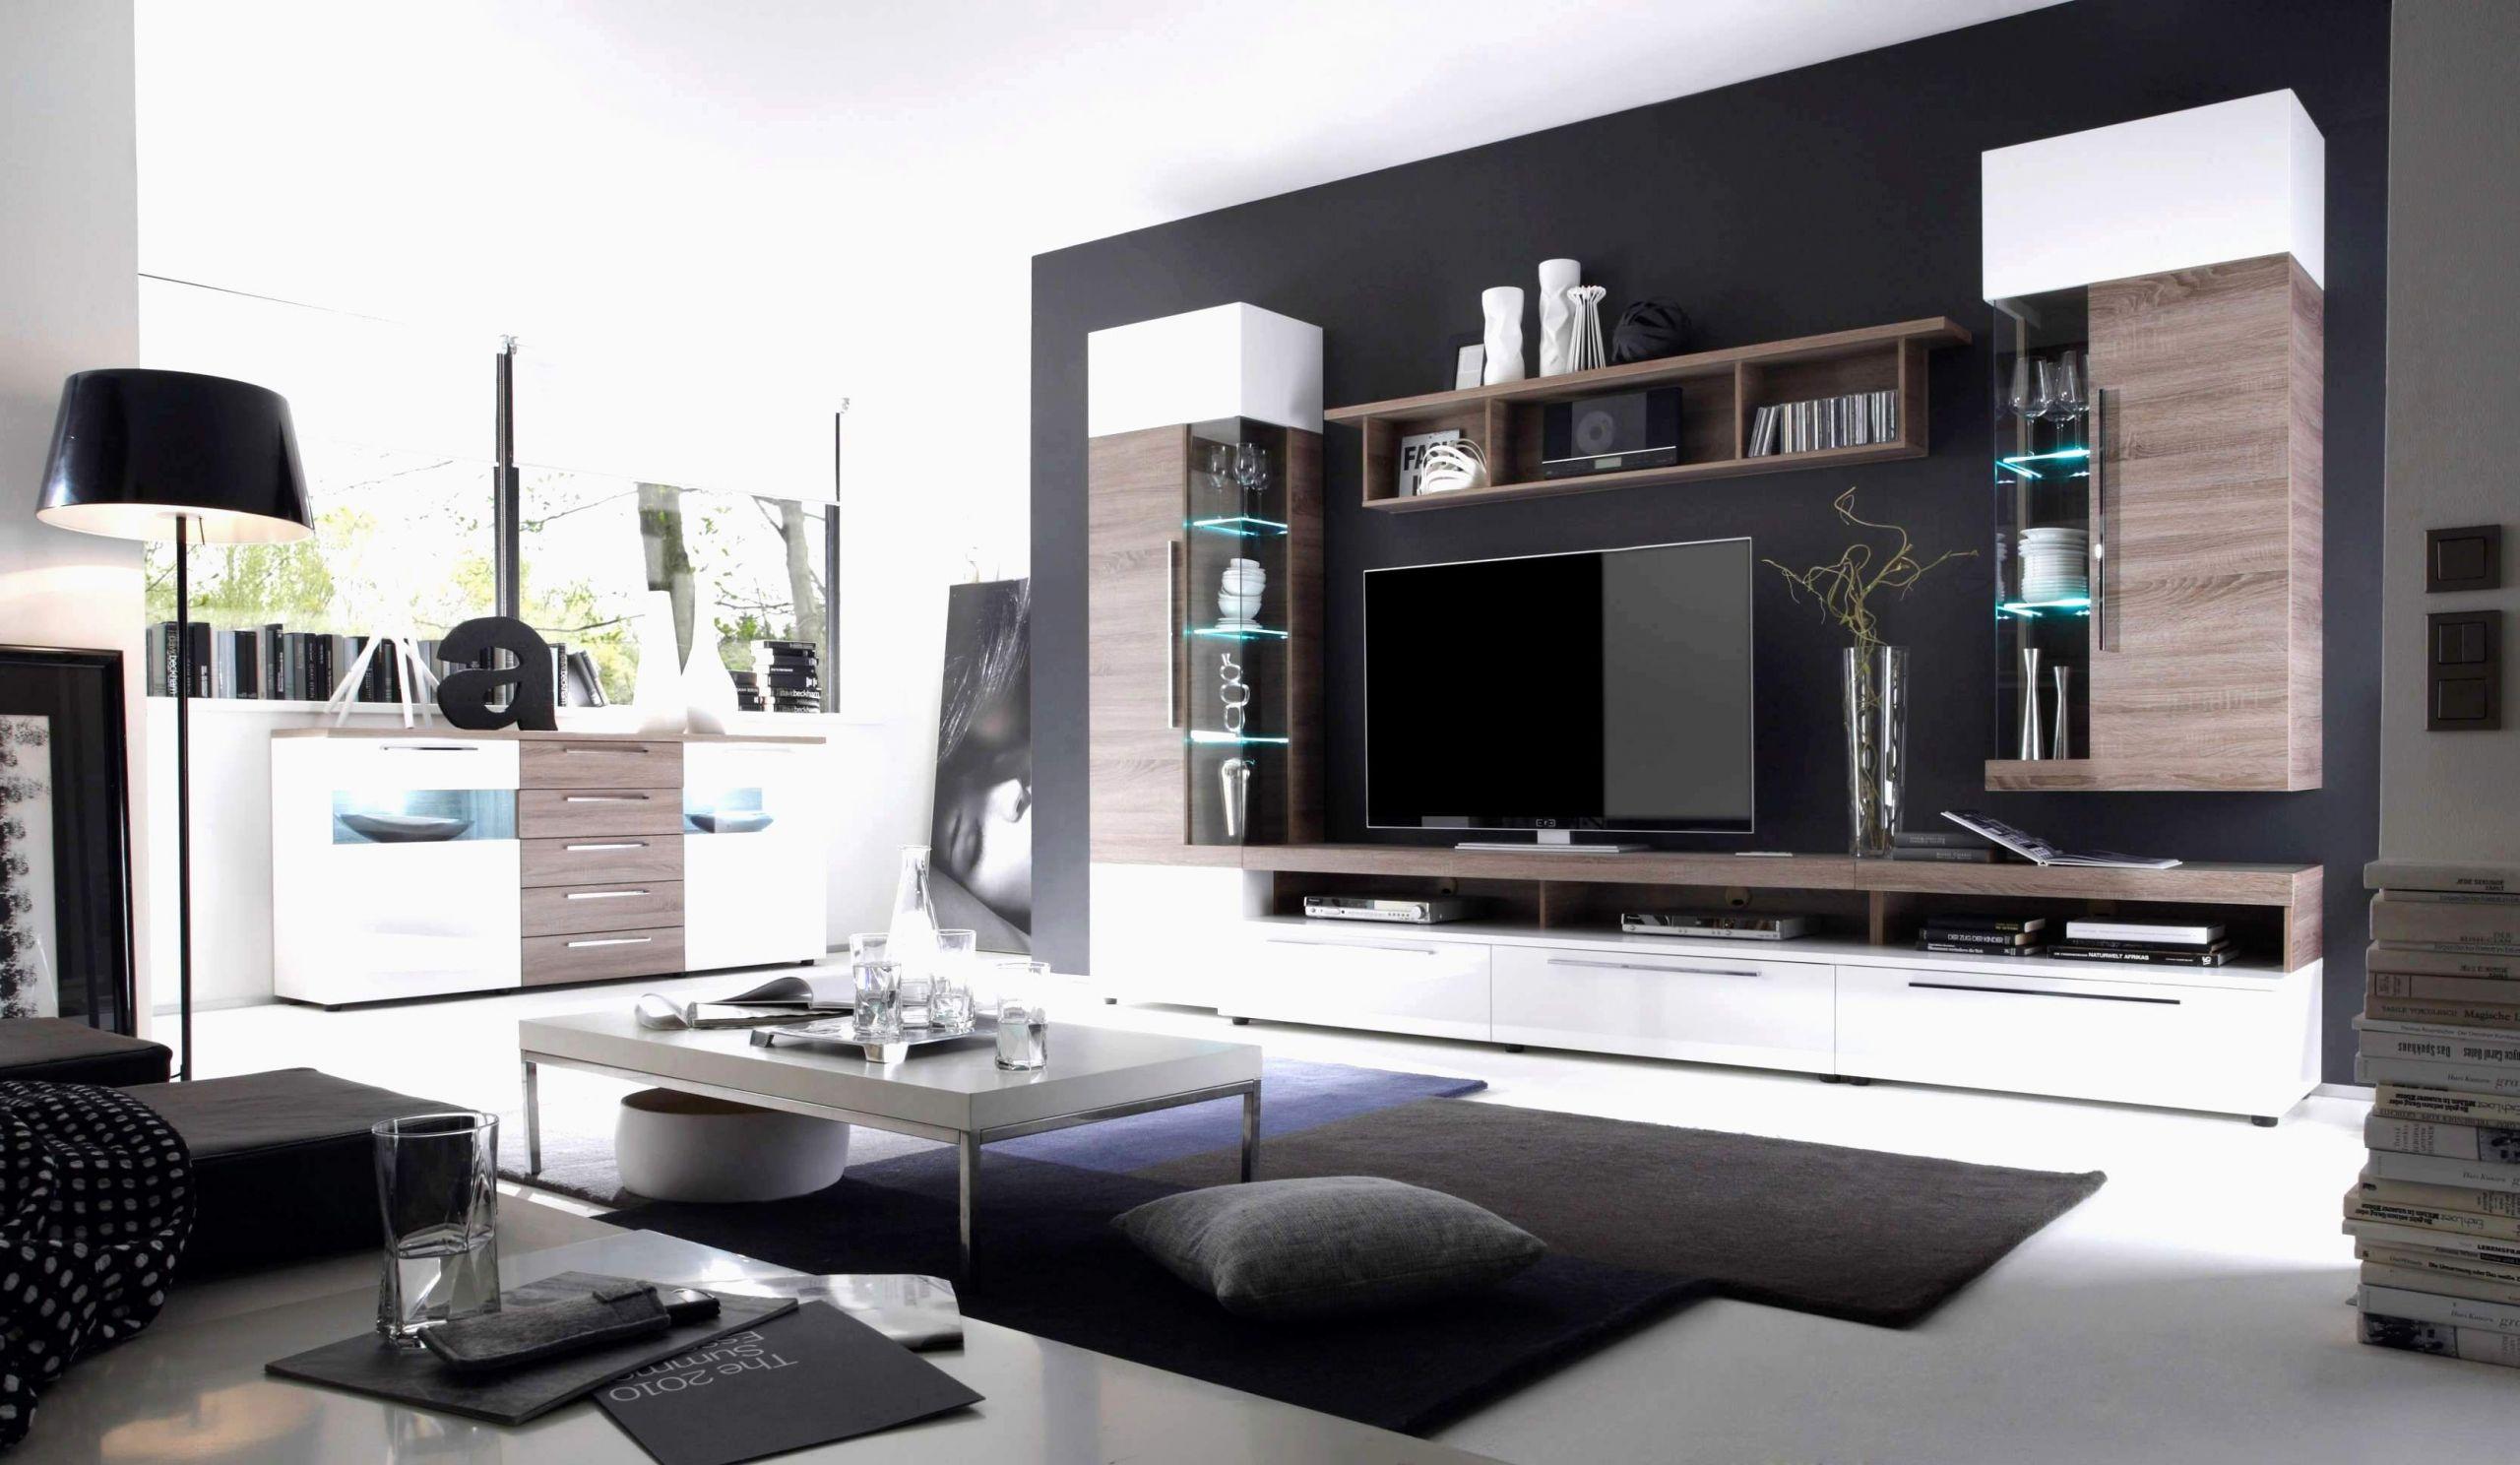 deko fur wohnzimmer reizend deko ideen fur wohnzimmer ideen besten ideen ses jahr of deko fur wohnzimmer scaled